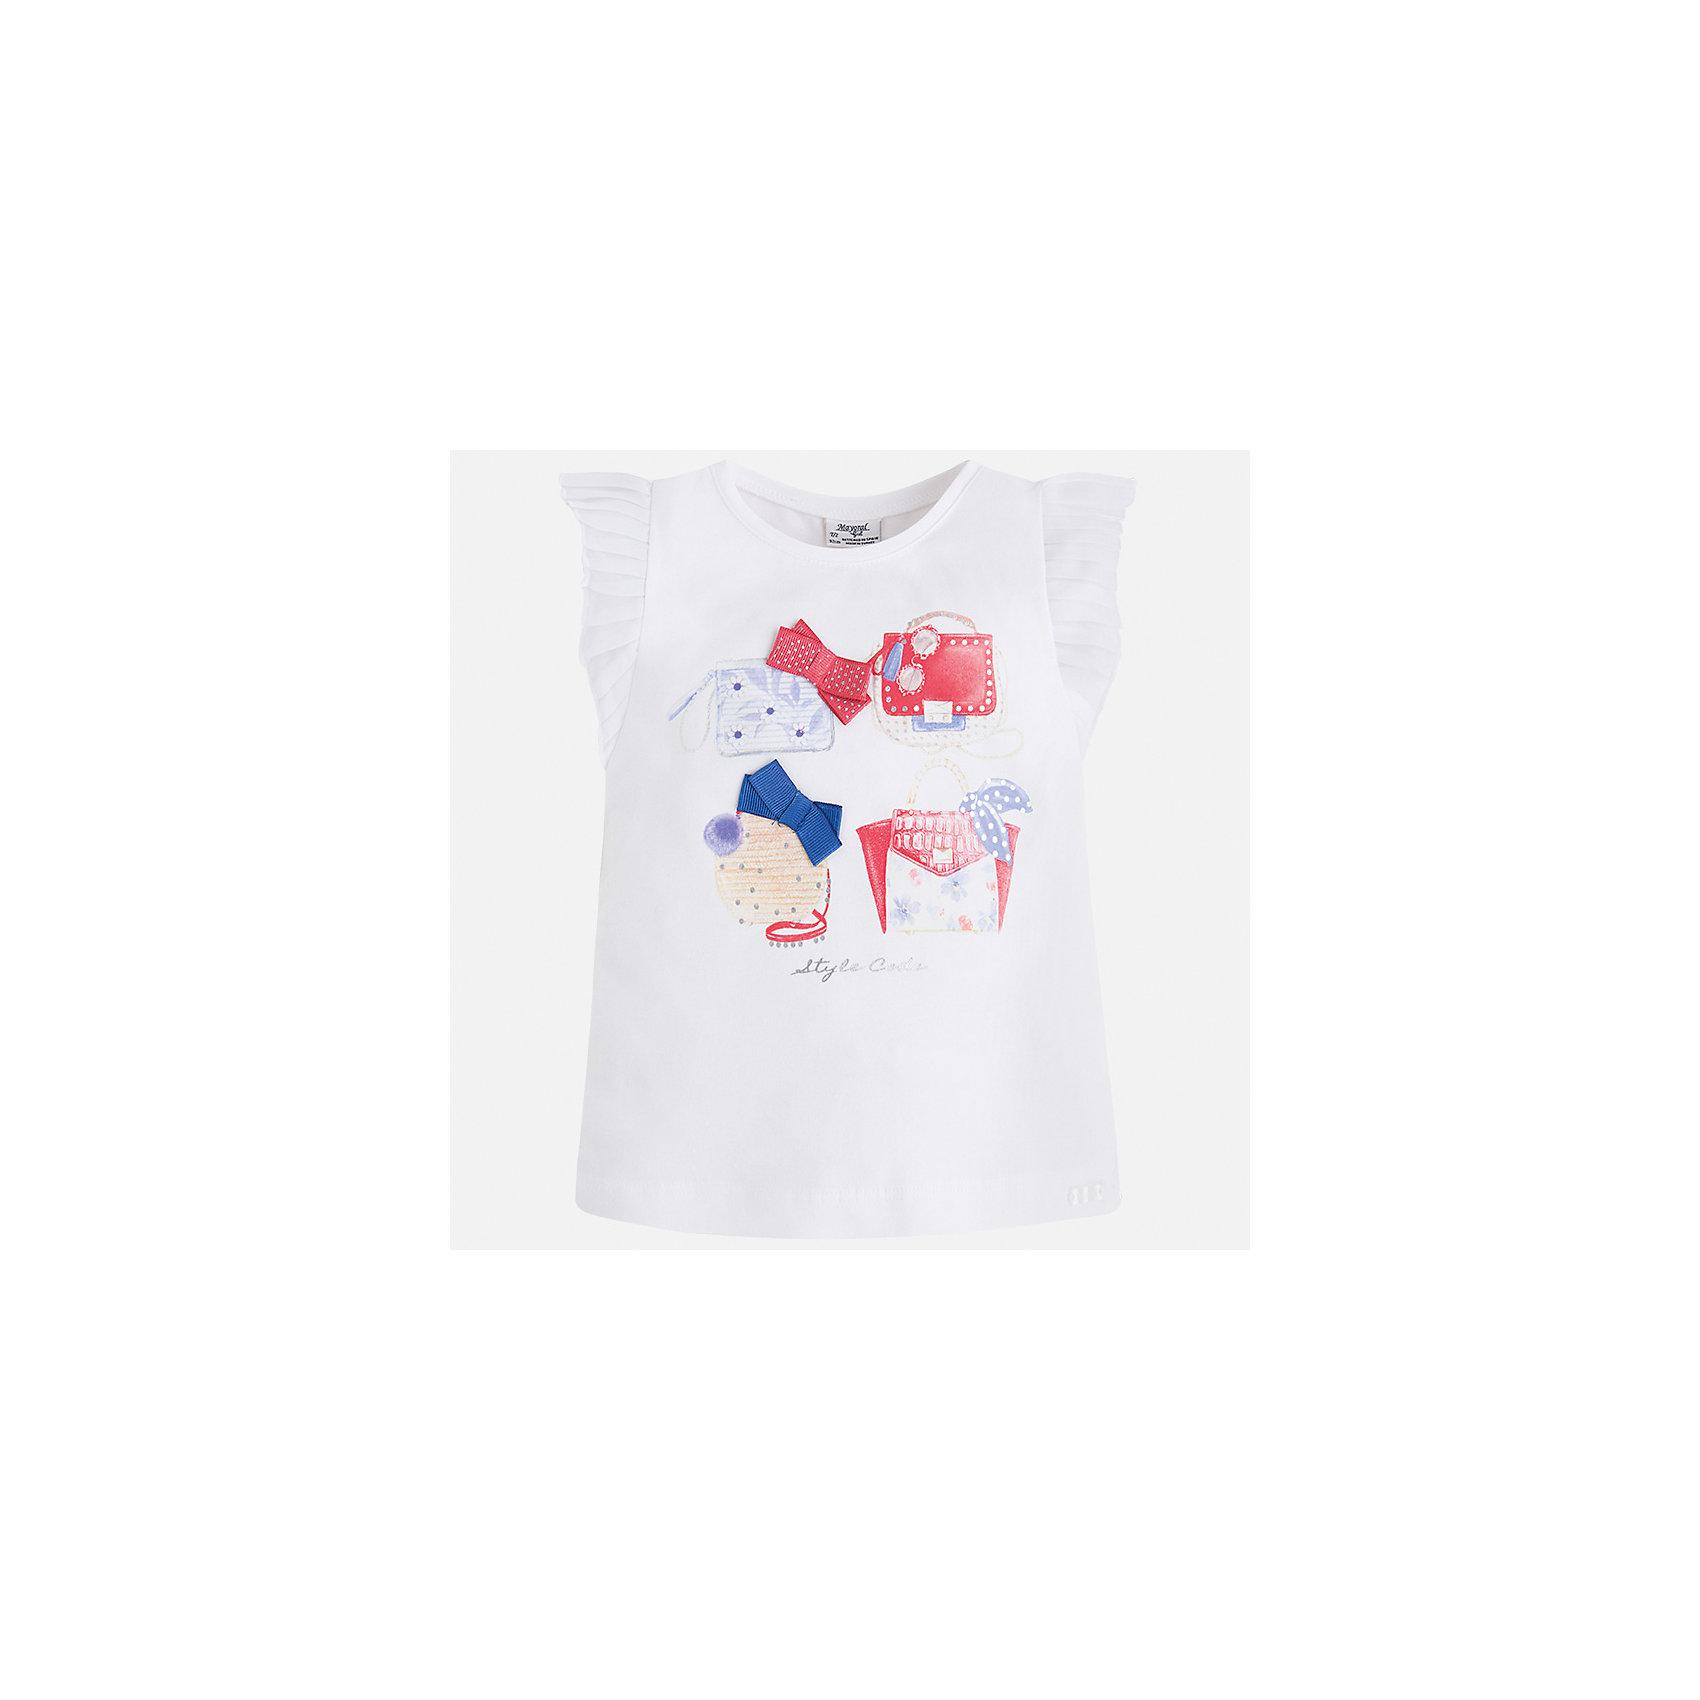 Футболка для девочки MayoralХарактеристики товара:<br><br>• цвет: белый<br>• состав: 95% хлопок, 5% эластан<br>• эластичный материал<br>• декорирована принтом<br>• короткие рукава<br>• фактурные плечи<br>• округлый горловой вырез<br>• страна бренда: Испания<br><br>Модная качественная футболка для девочки поможет разнообразить гардероб ребенка и украсить наряд. Она отлично сочетается и с юбками, и с шортами, и с брюками. Универсальный цвет позволяет подобрать к вещи низ практически любой расцветки. Интересная отделка модели делает её нарядной и оригинальной. В составе материала есть натуральный хлопок, гипоаллергенный, приятный на ощупь, дышащий.<br><br>Одежда, обувь и аксессуары от испанского бренда Mayoral полюбились детям и взрослым по всему миру. Модели этой марки - стильные и удобные. Для их производства используются только безопасные, качественные материалы и фурнитура. Порадуйте ребенка модными и красивыми вещами от Mayoral! <br><br>Футболку для девочки от испанского бренда Mayoral (Майорал) можно купить в нашем интернет-магазине.<br><br>Ширина мм: 199<br>Глубина мм: 10<br>Высота мм: 161<br>Вес г: 151<br>Цвет: белый<br>Возраст от месяцев: 96<br>Возраст до месяцев: 108<br>Пол: Женский<br>Возраст: Детский<br>Размер: 134,116,92,98,104,110,122,128<br>SKU: 5300136